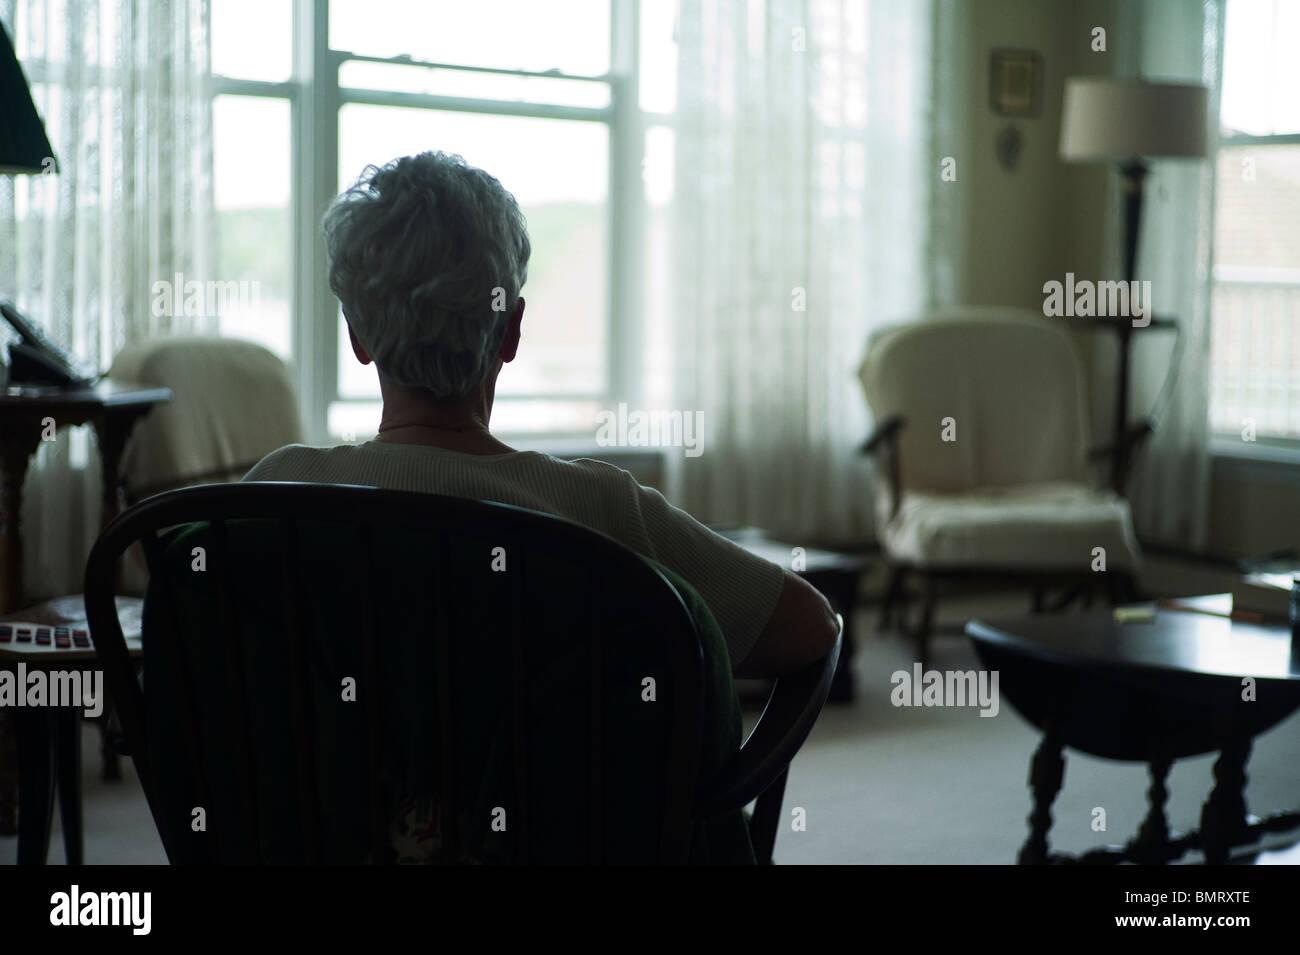 Vecchia donna da dietro come si siede a guardare fuori dalla finestra. Immagini Stock